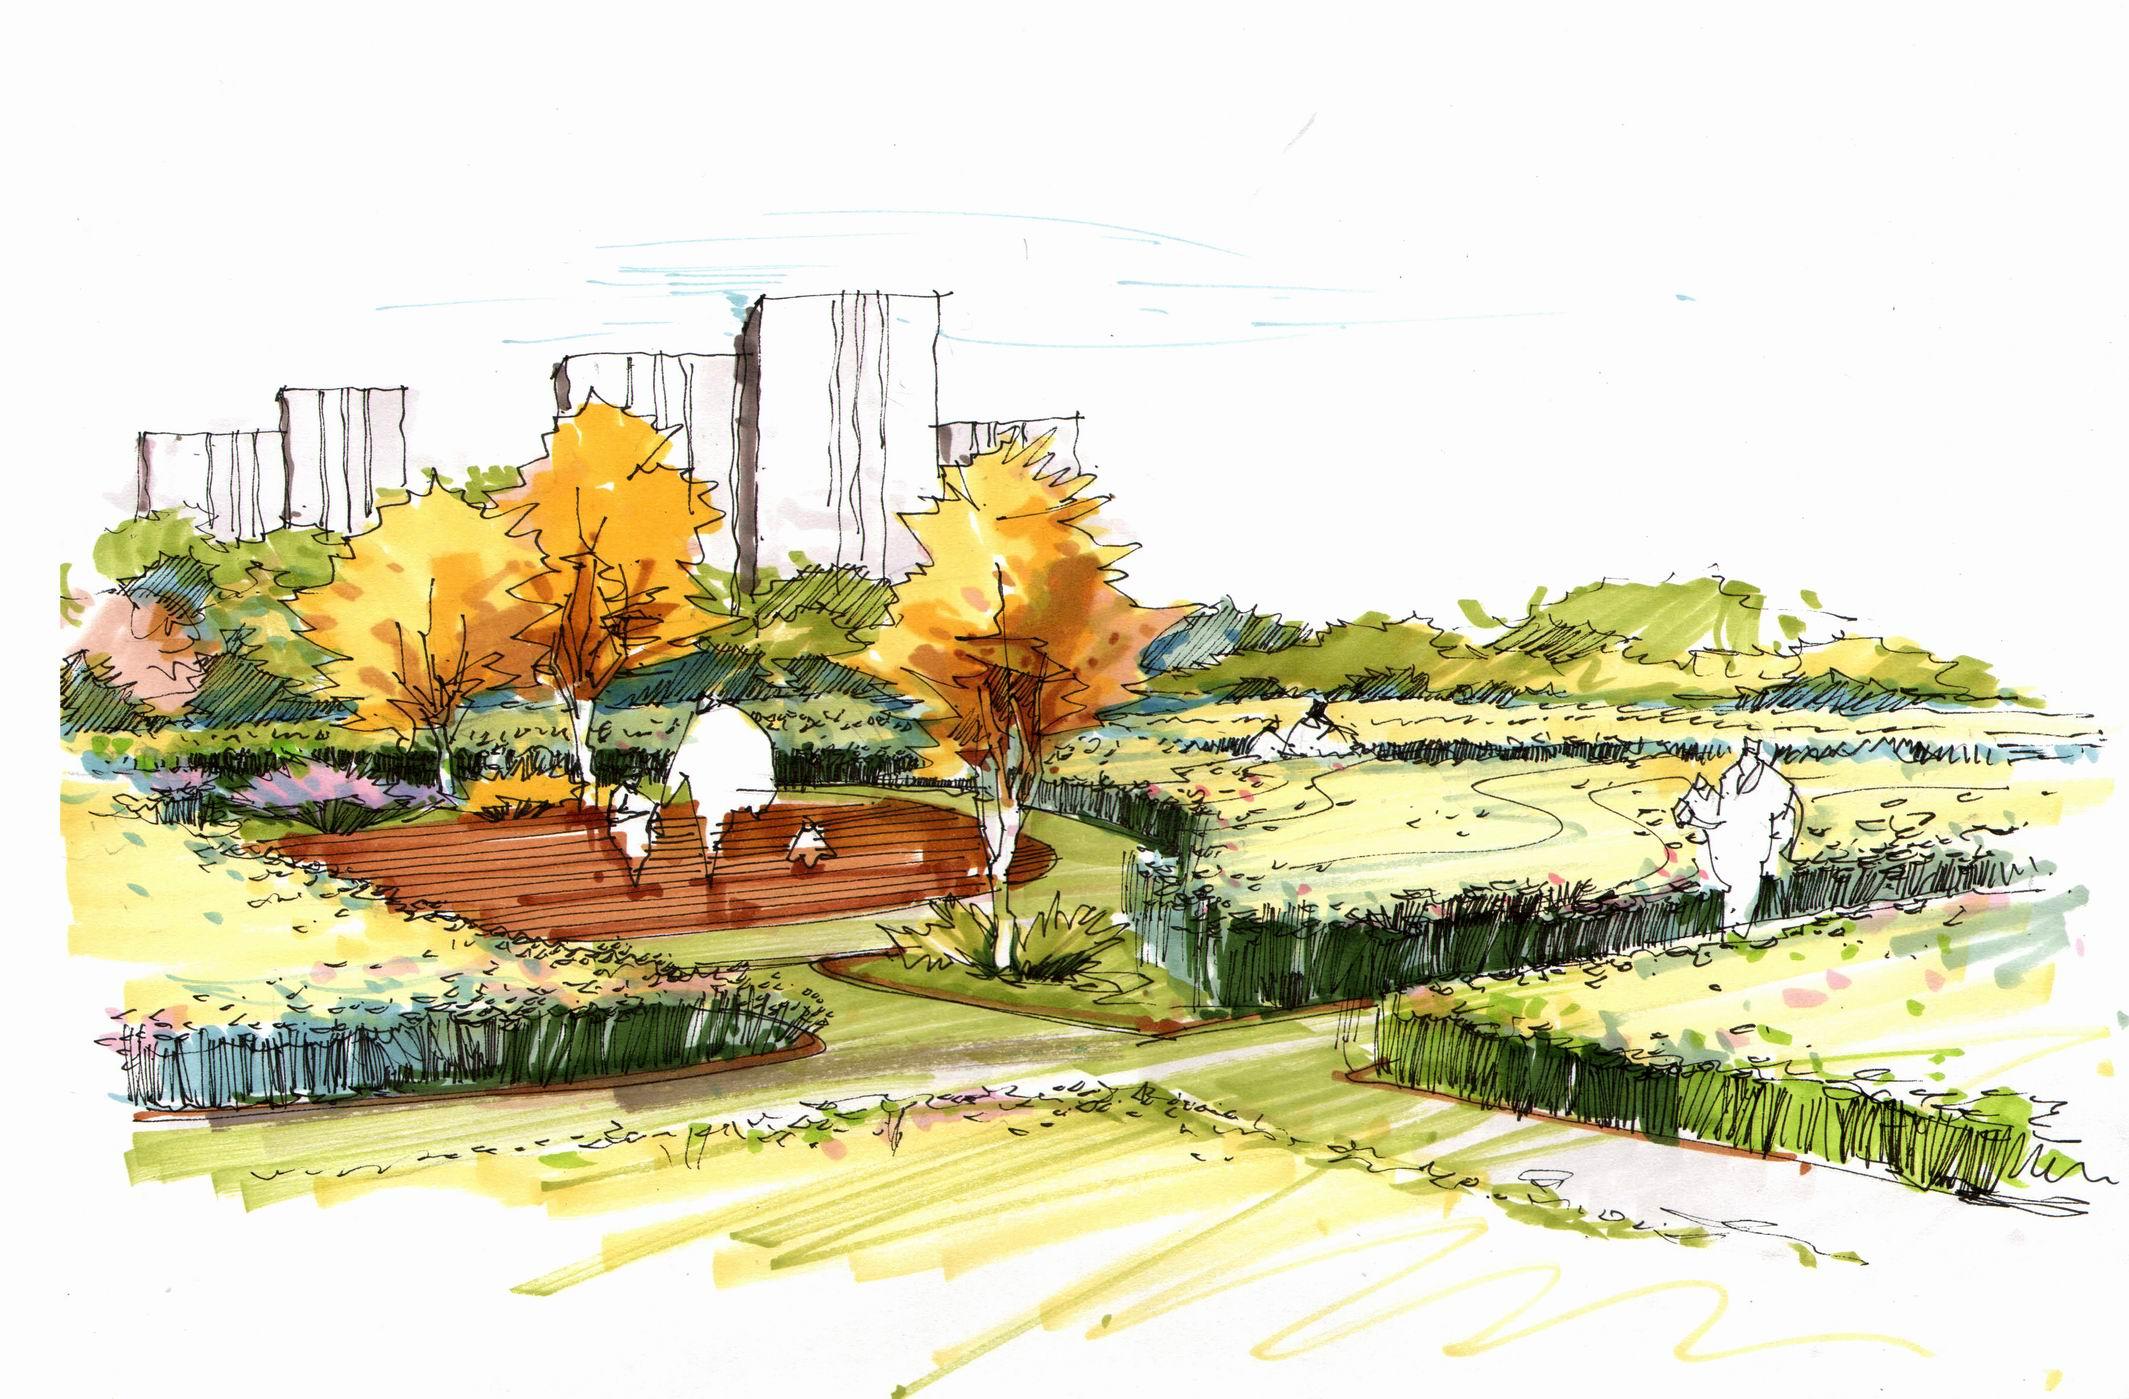 公园、广场、学校景观方案设计,手绘效果图设计.   承接景观